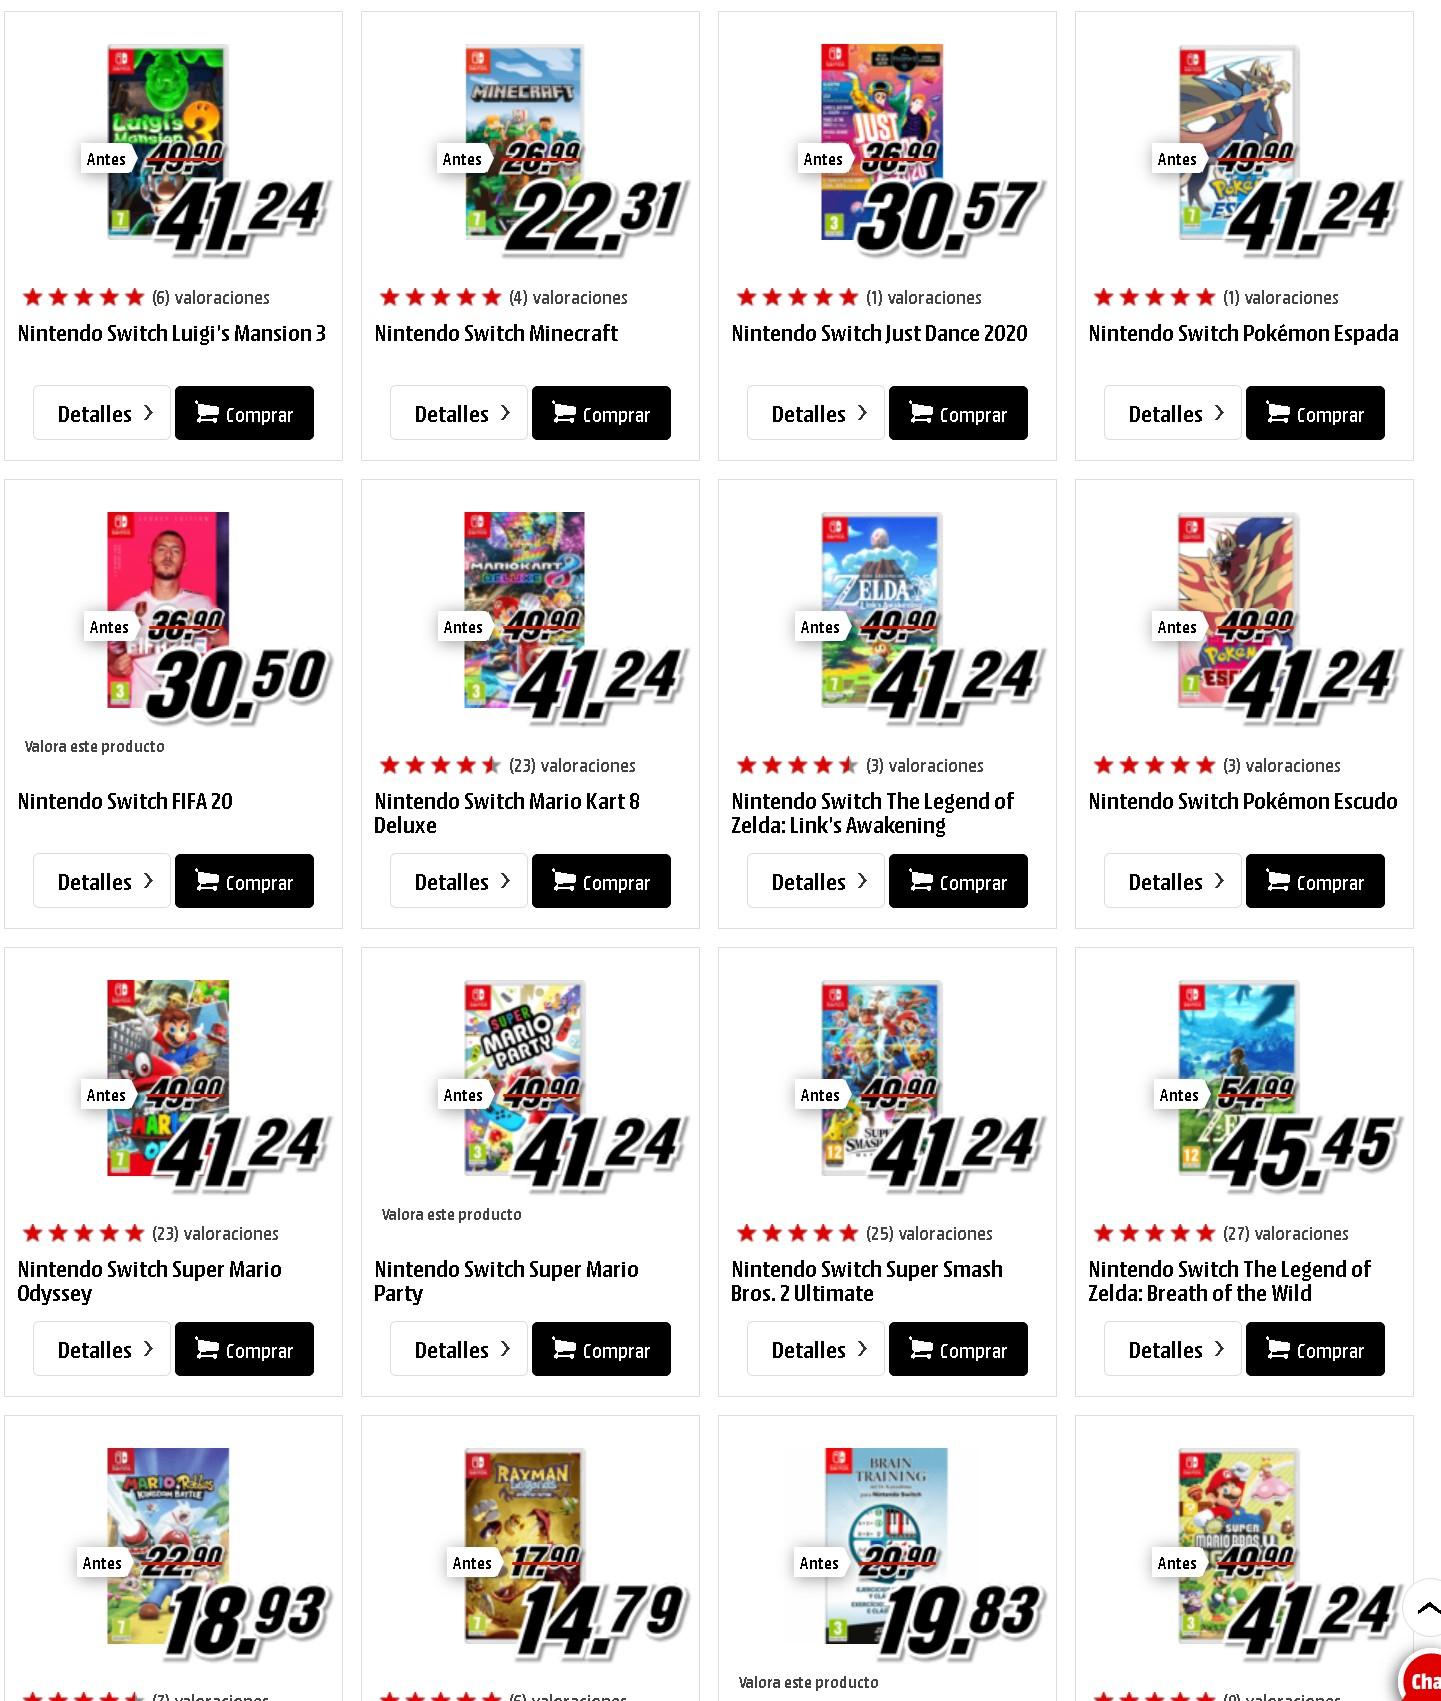 Juegos varios switch a muy buen precio (mínimo histórico en varios)